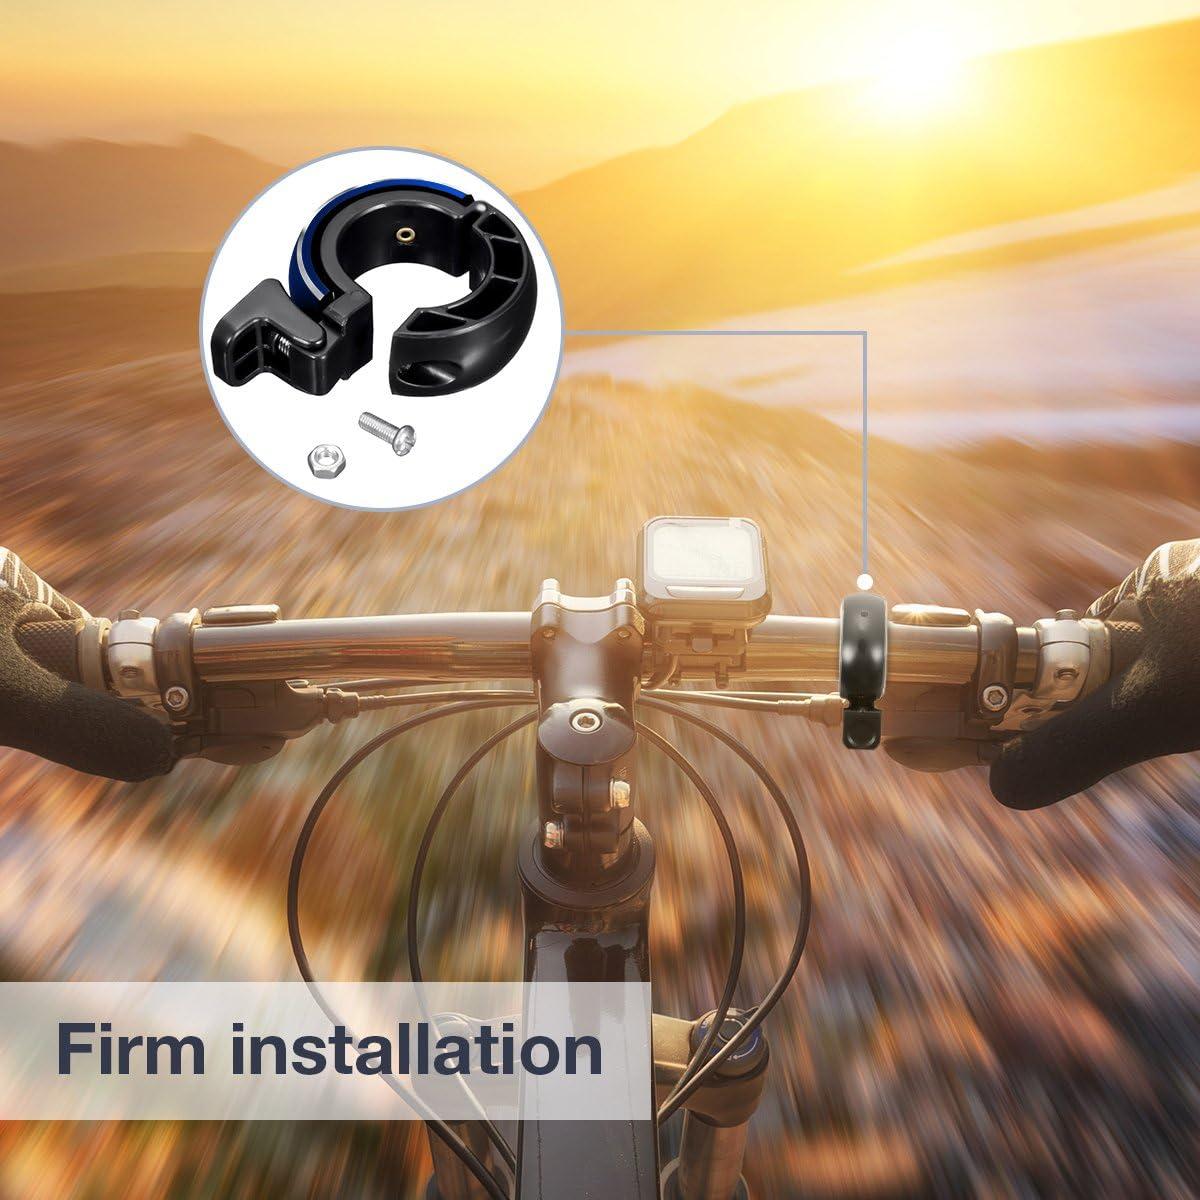 MagiDeal Sonnette dAlarme Invisible Rotatif Cloche Guidon Klaxon en Acier Inoxydable S/écurit/é pour V/élo VTT Cyclisme